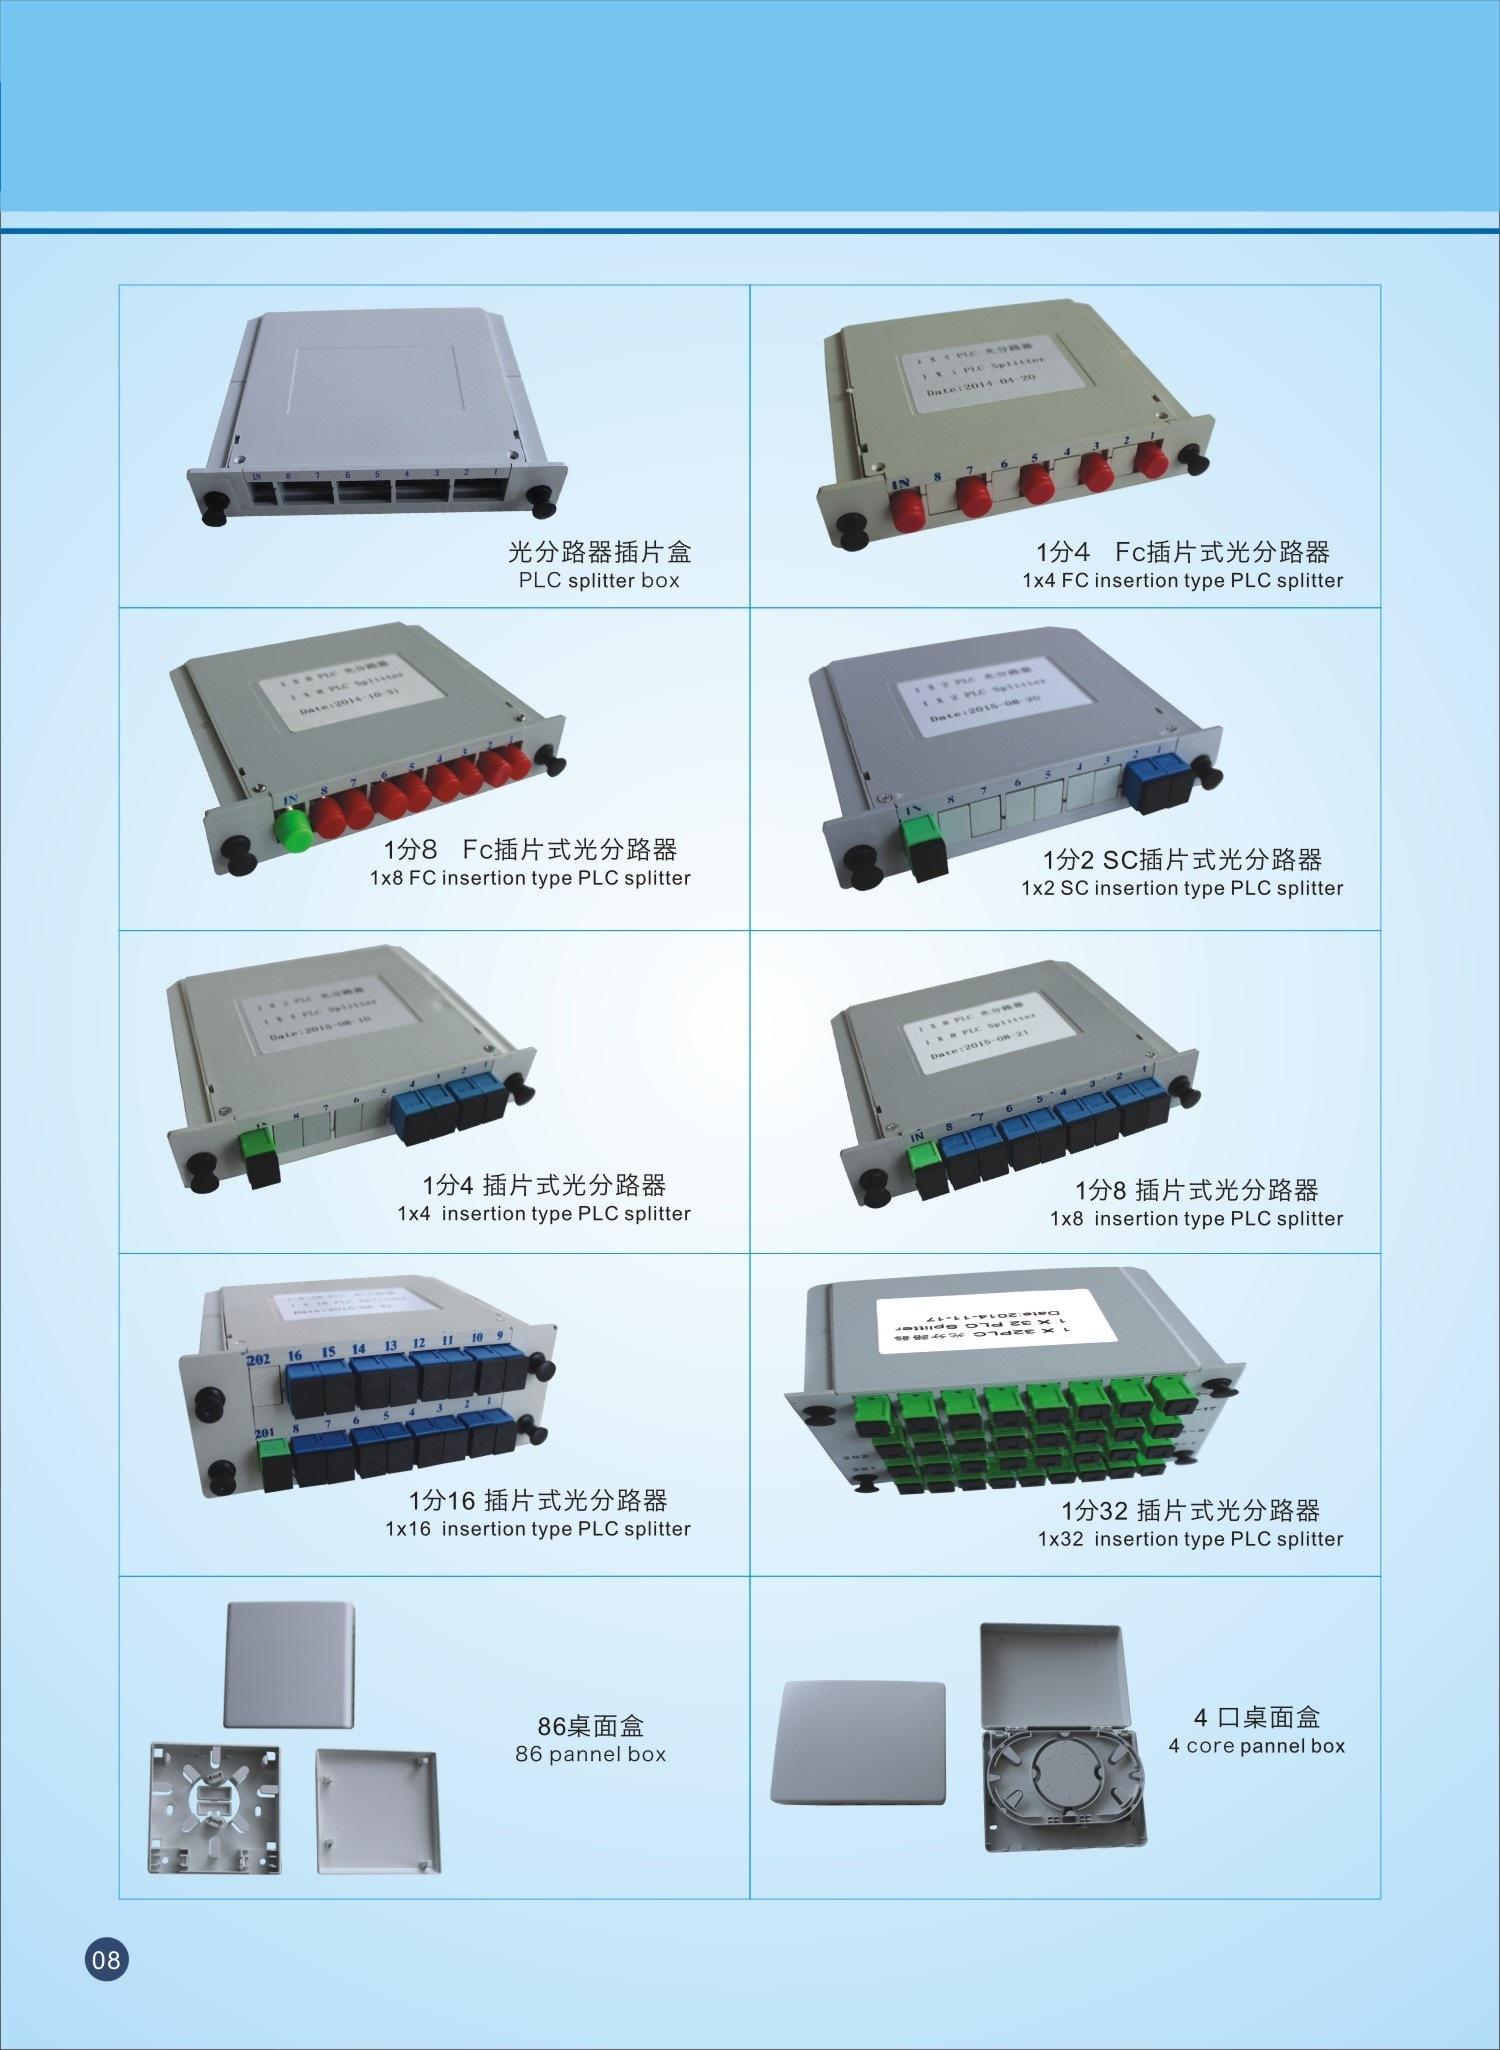 1X8 PLC Splitter Optical Splitter Cassette PLC Splitter